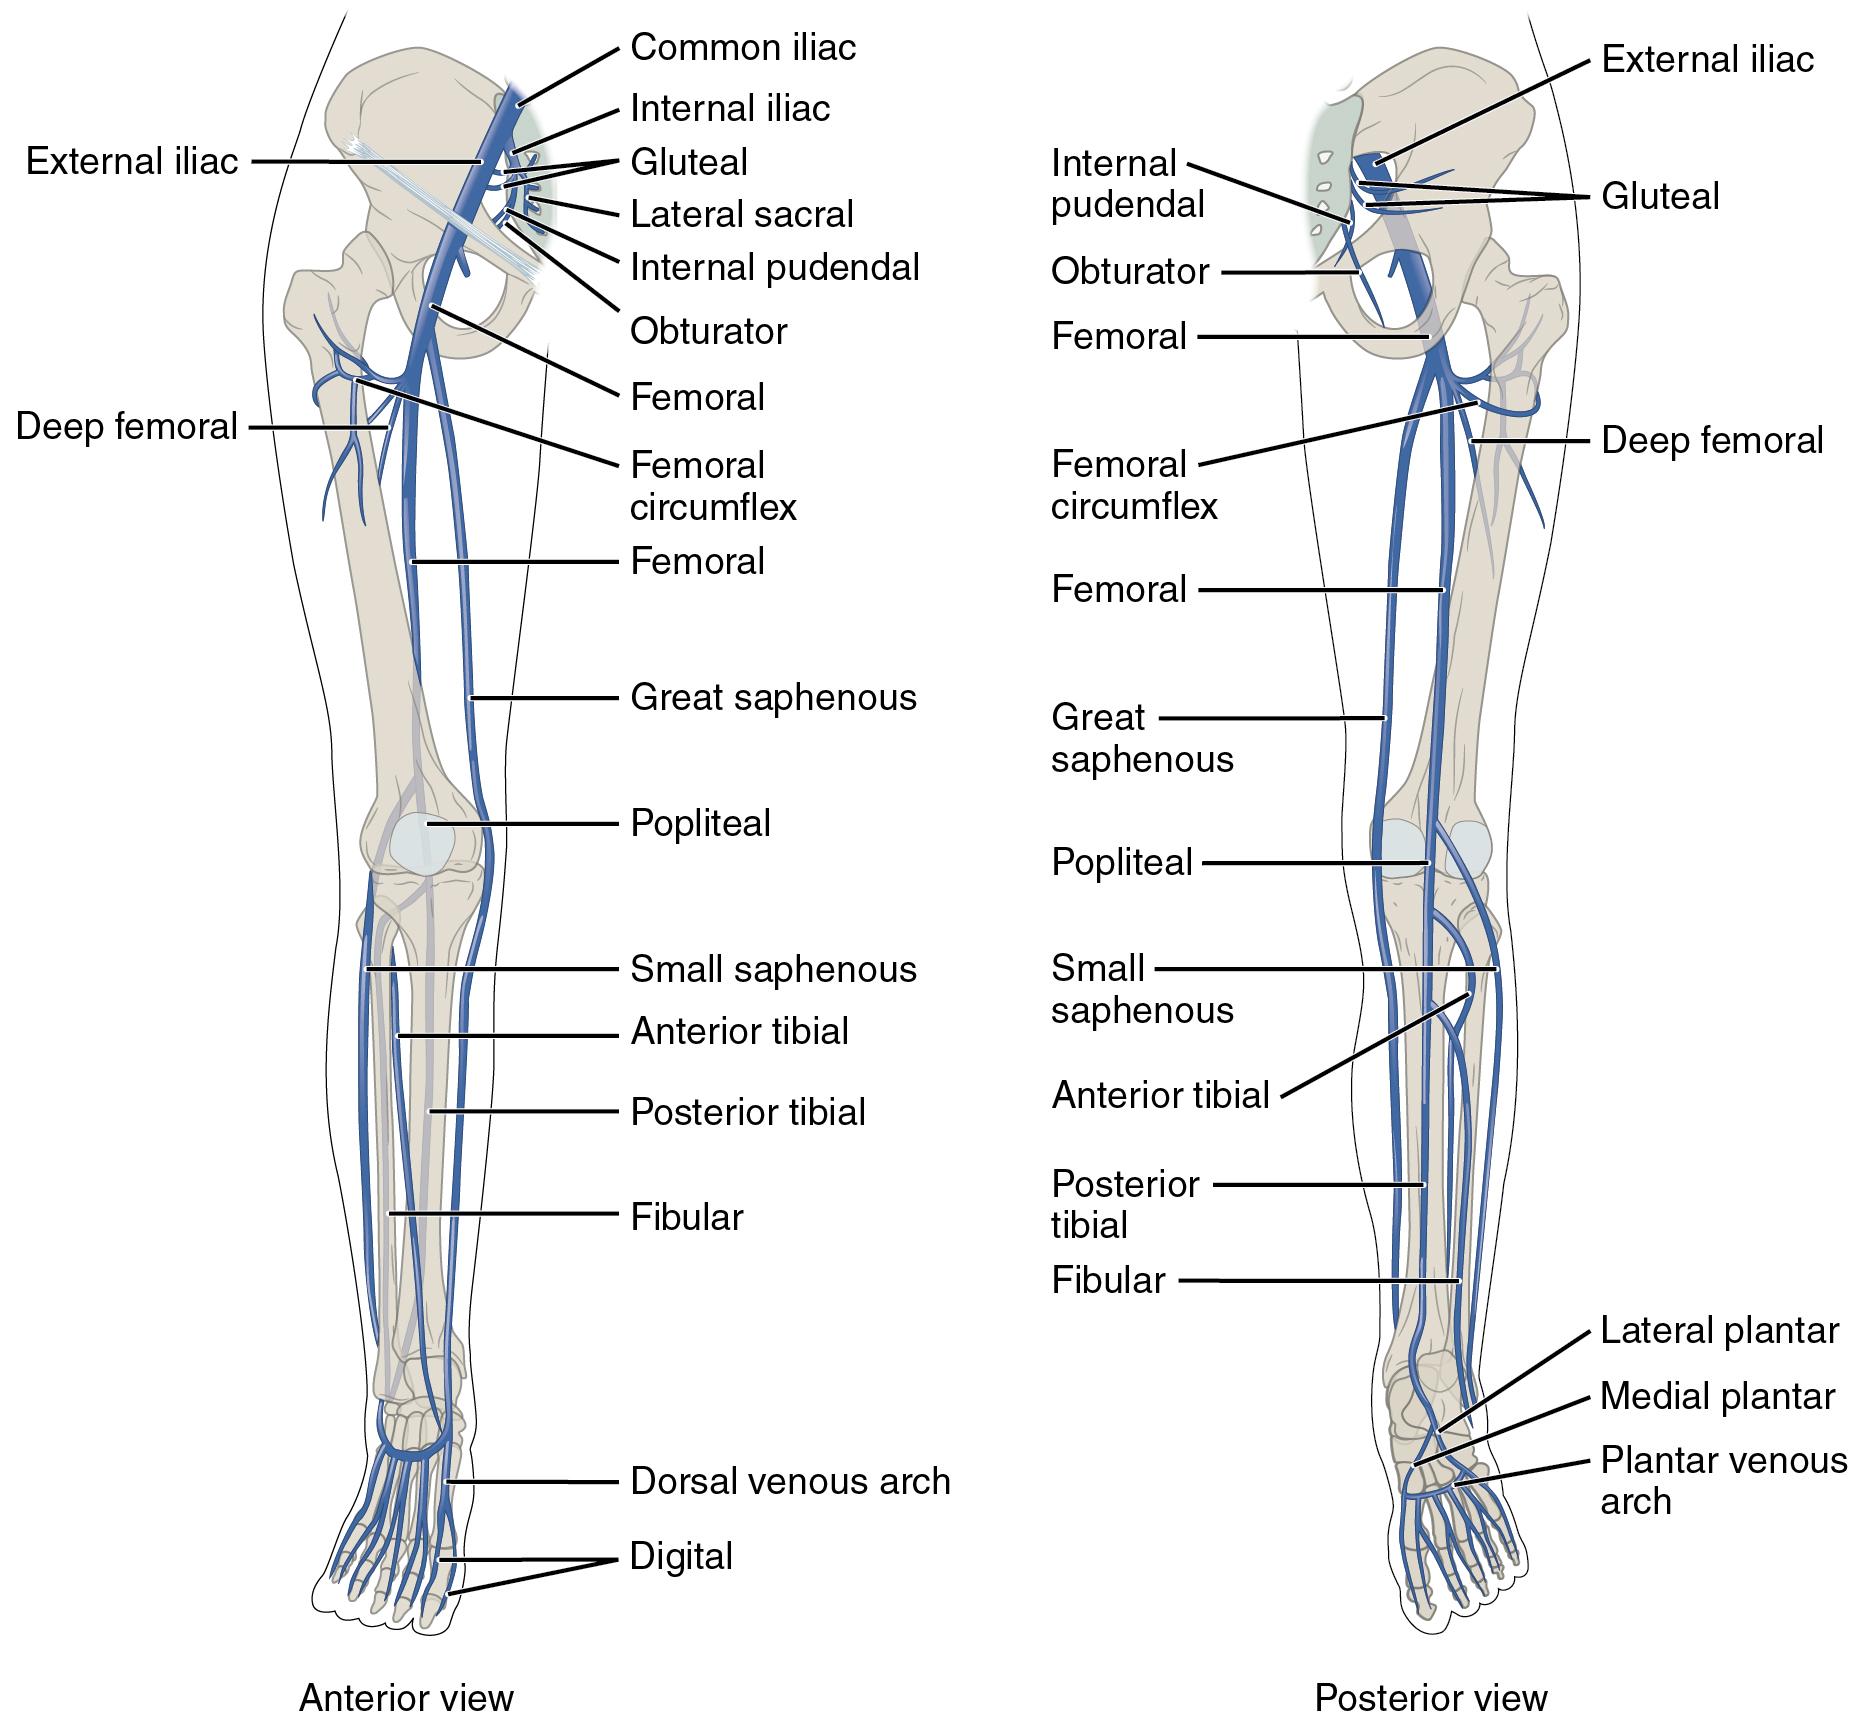 Major Veins Serving the Lower Limbs